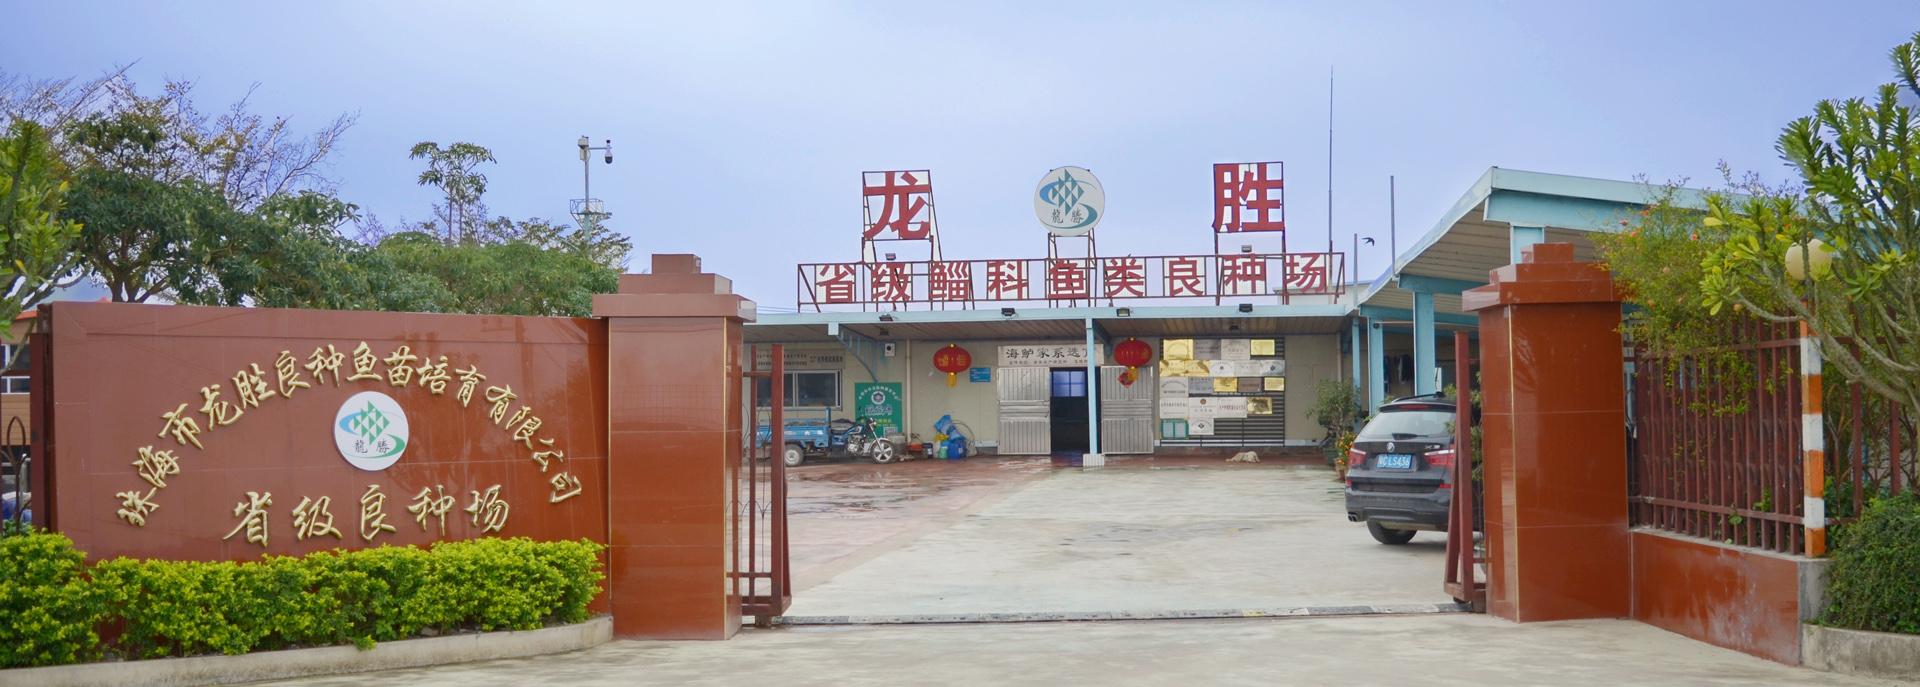 珠海市龙胜良种鱼苗培育有限公司